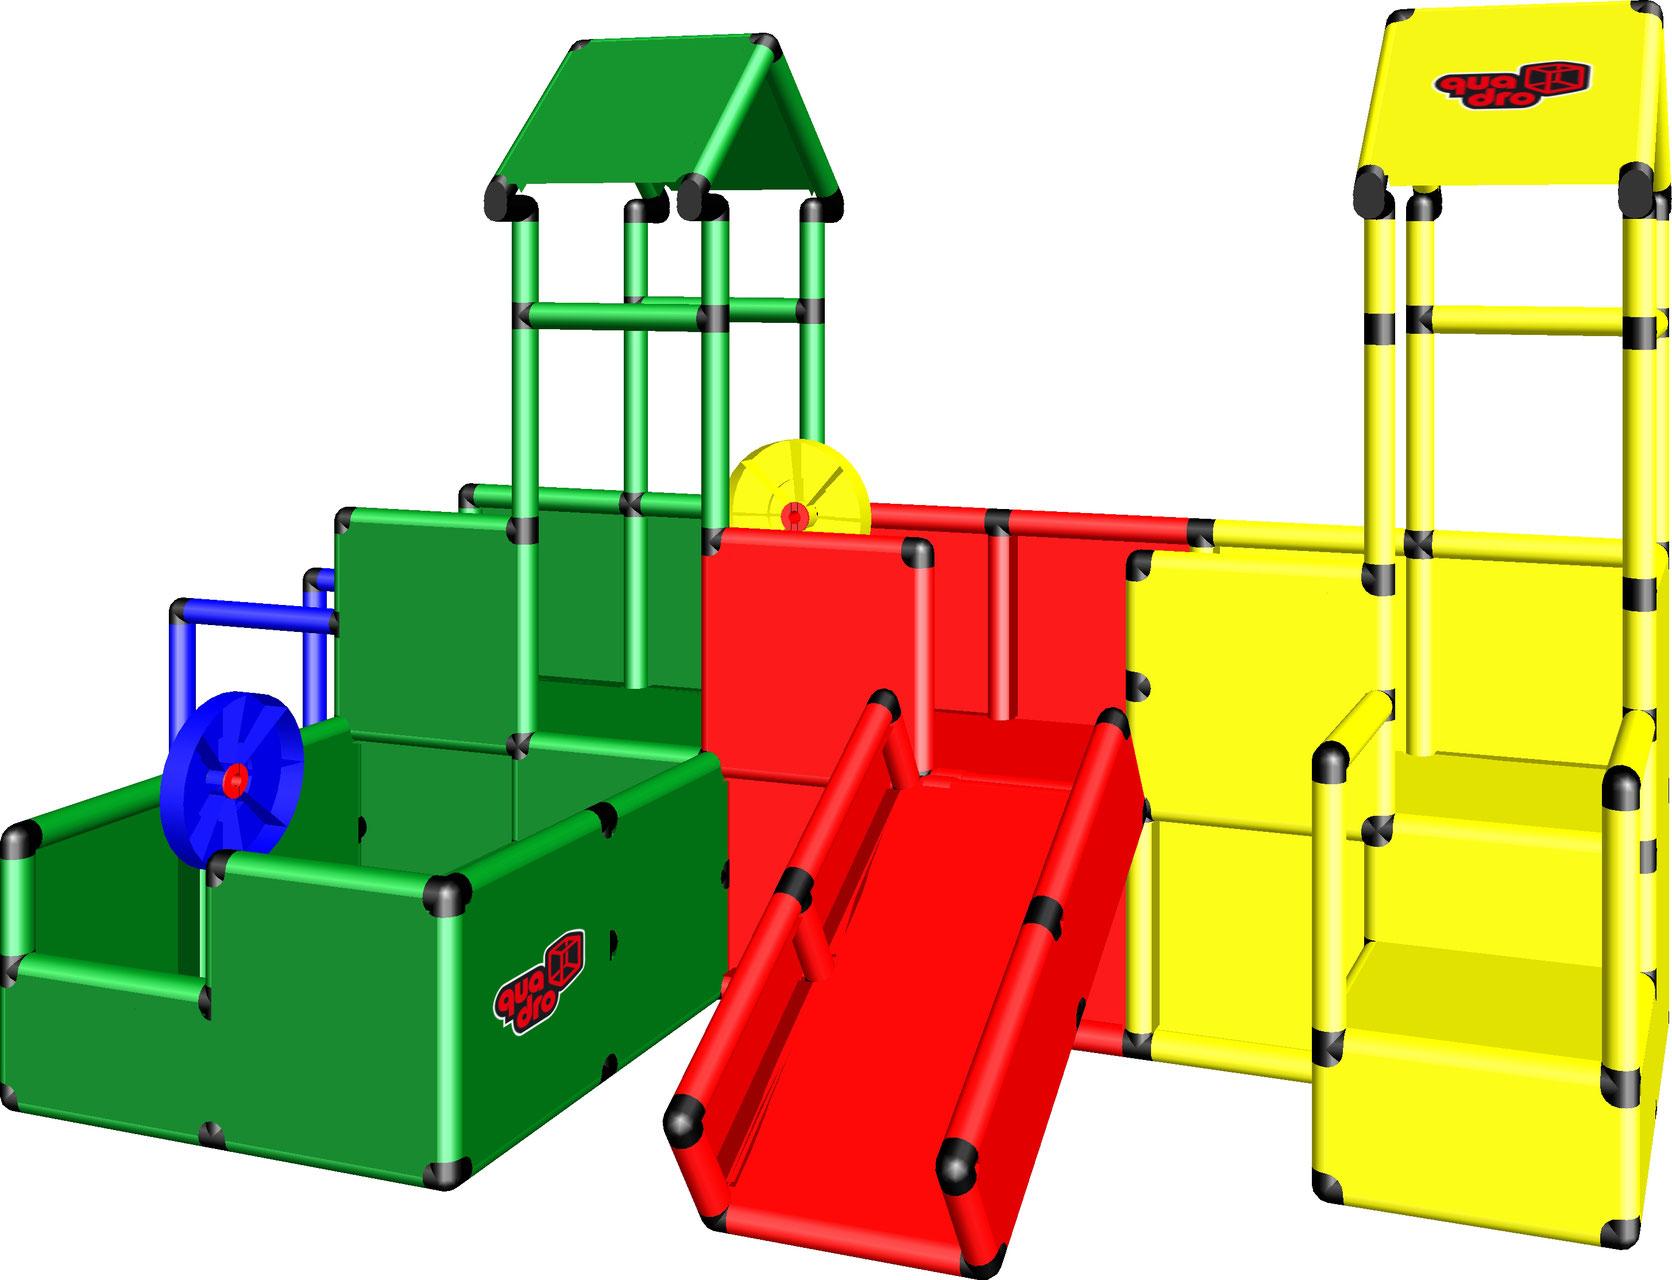 playcenter f r kleinkinder m quadro der grossbaukasten. Black Bedroom Furniture Sets. Home Design Ideas